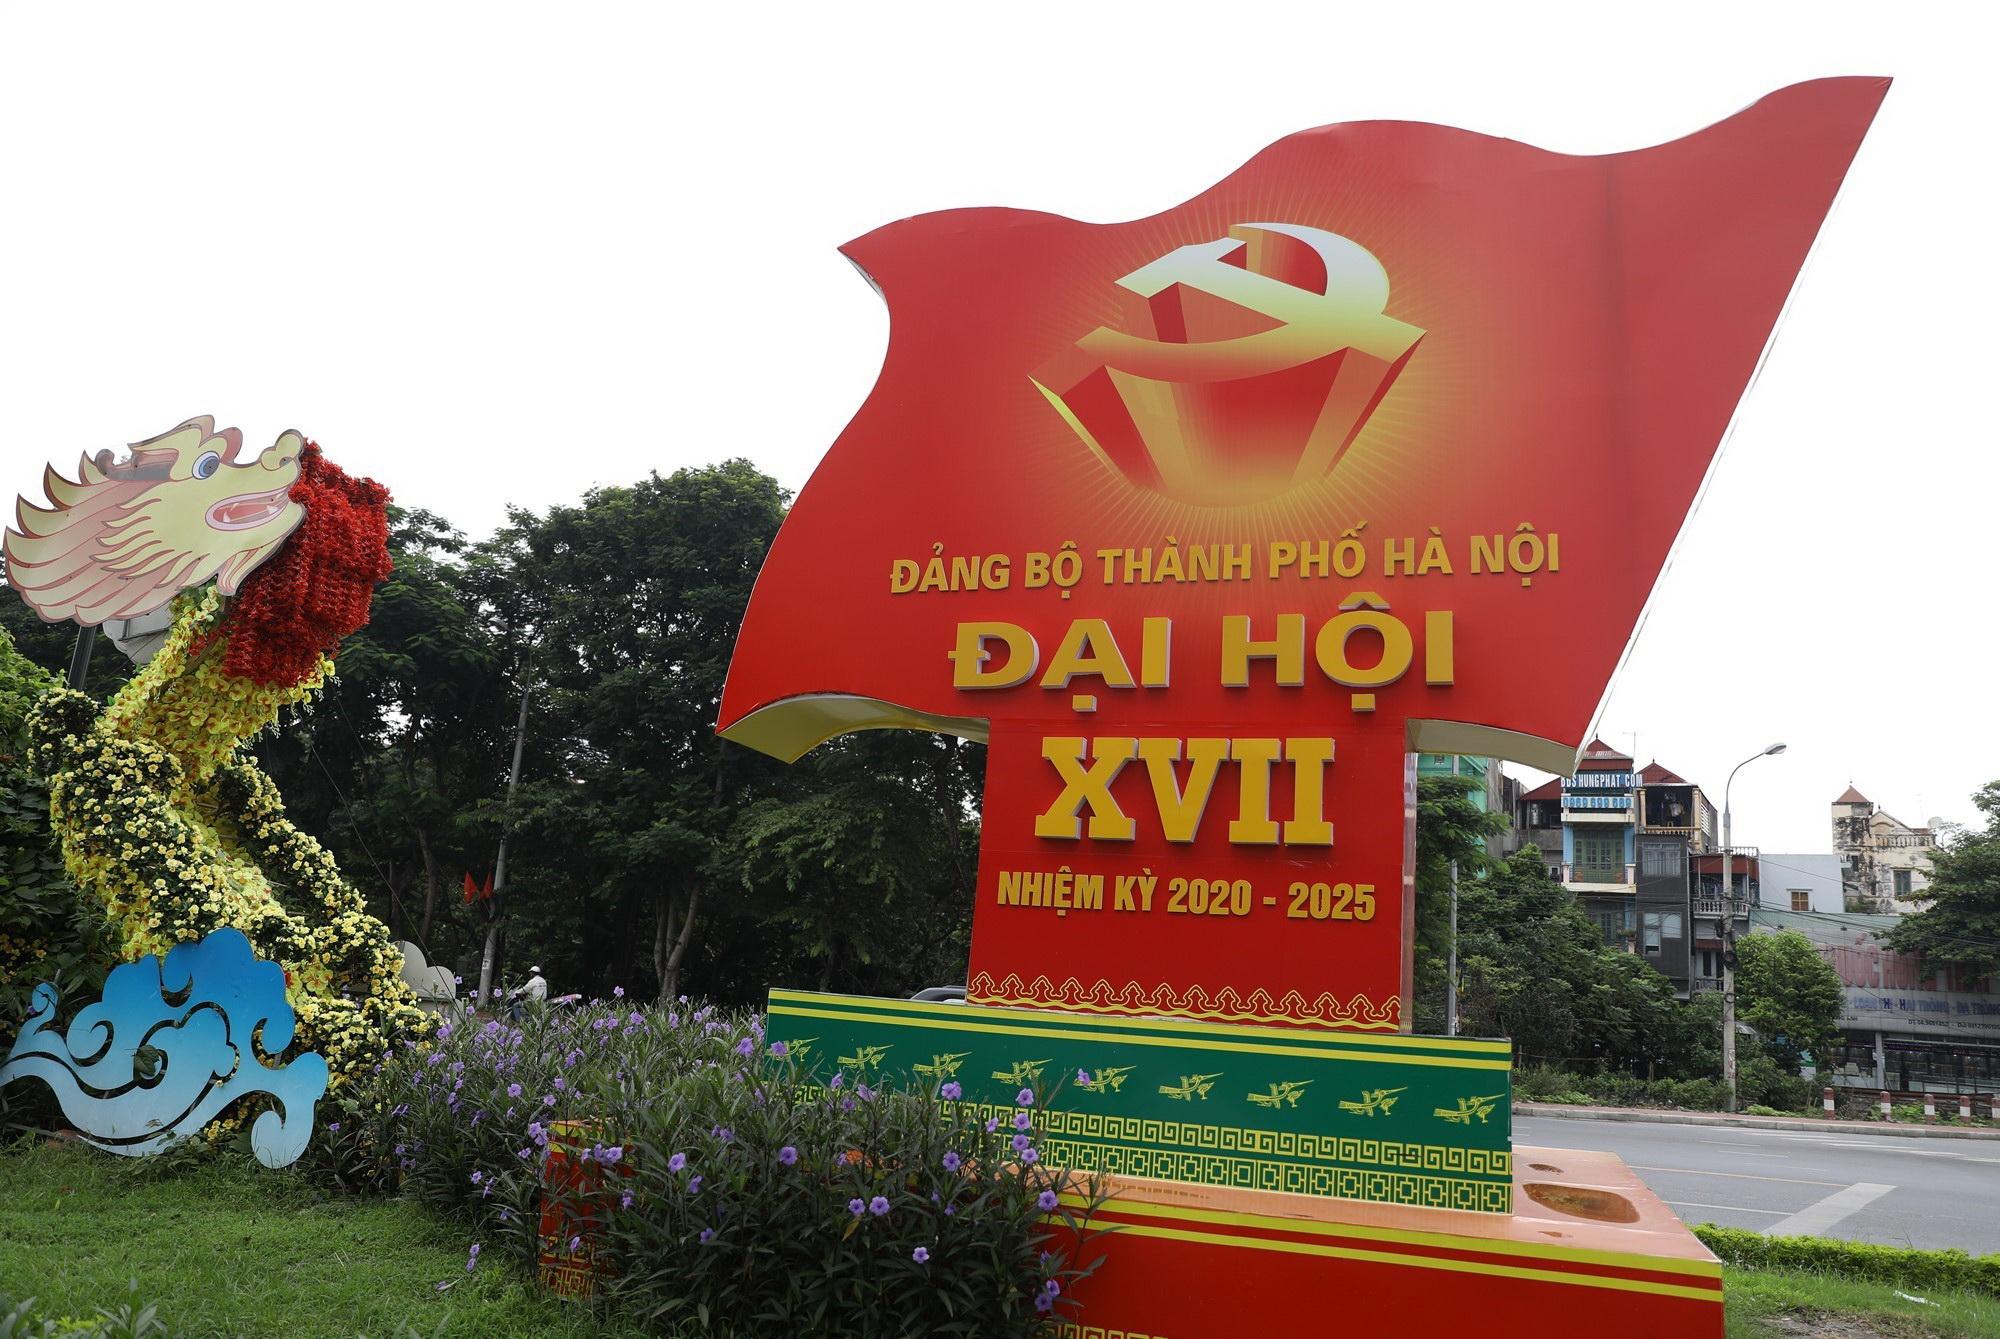 """Pano, áp phích với dòng chữ """"Chào mừng Đại hội Đảng bộ Thành phố Hà Nội lần thứ XVII"""" cỡ lớn được trang trí tại các khu vực trung tâm huyện Đông Anh. (Ảnh: Văn Điệp/TTXVN)"""